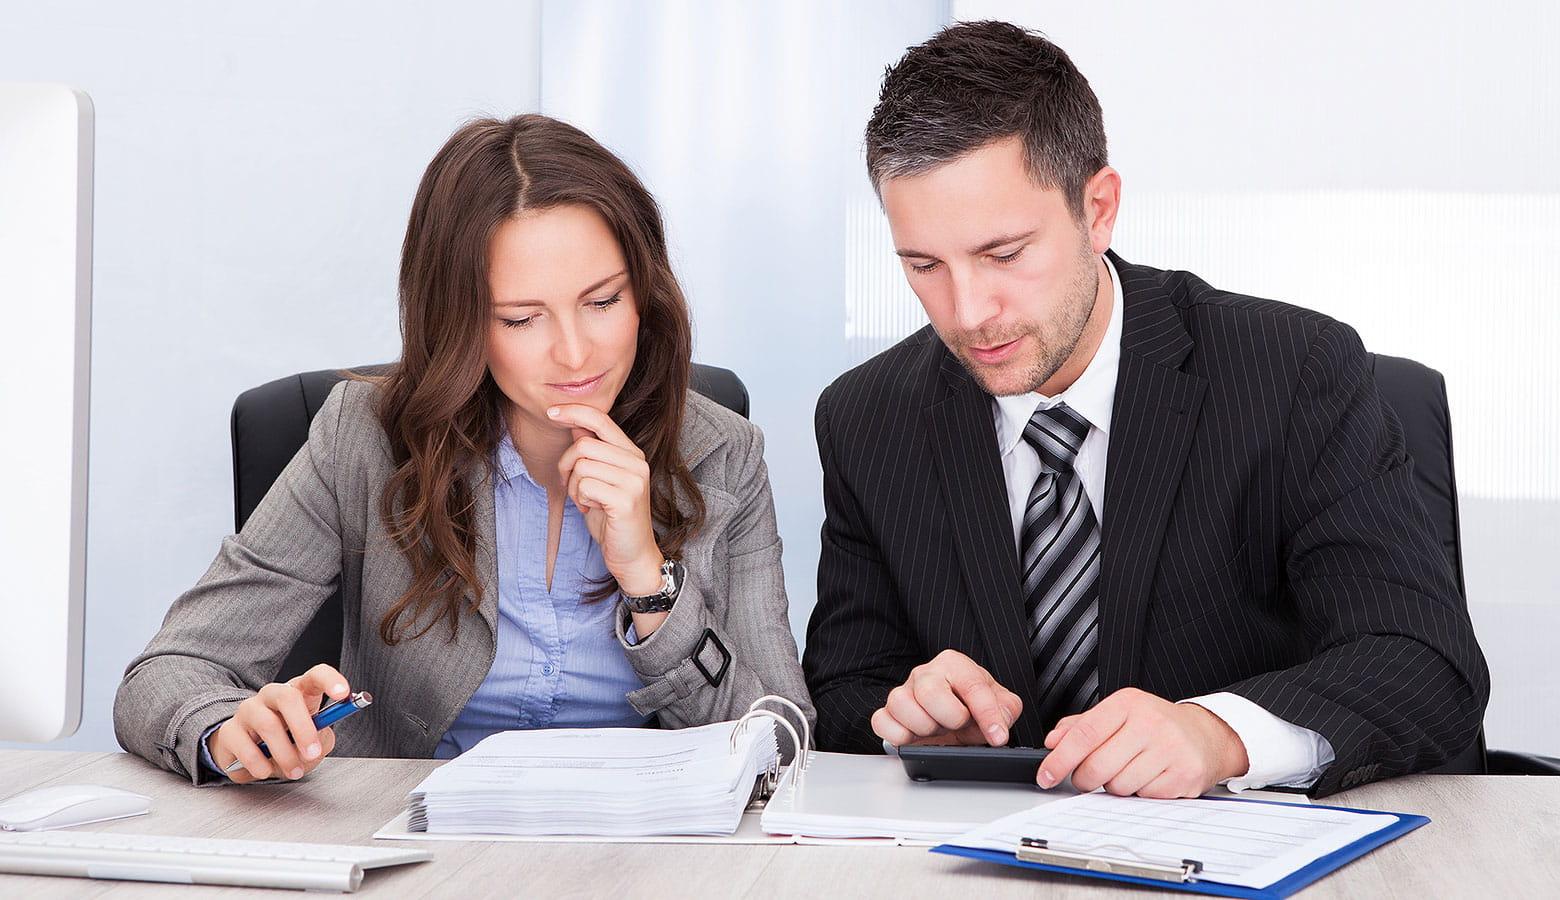 Zwei Kollegen aus der Personalabteilung sitzen gemeinsam über Dokumenten